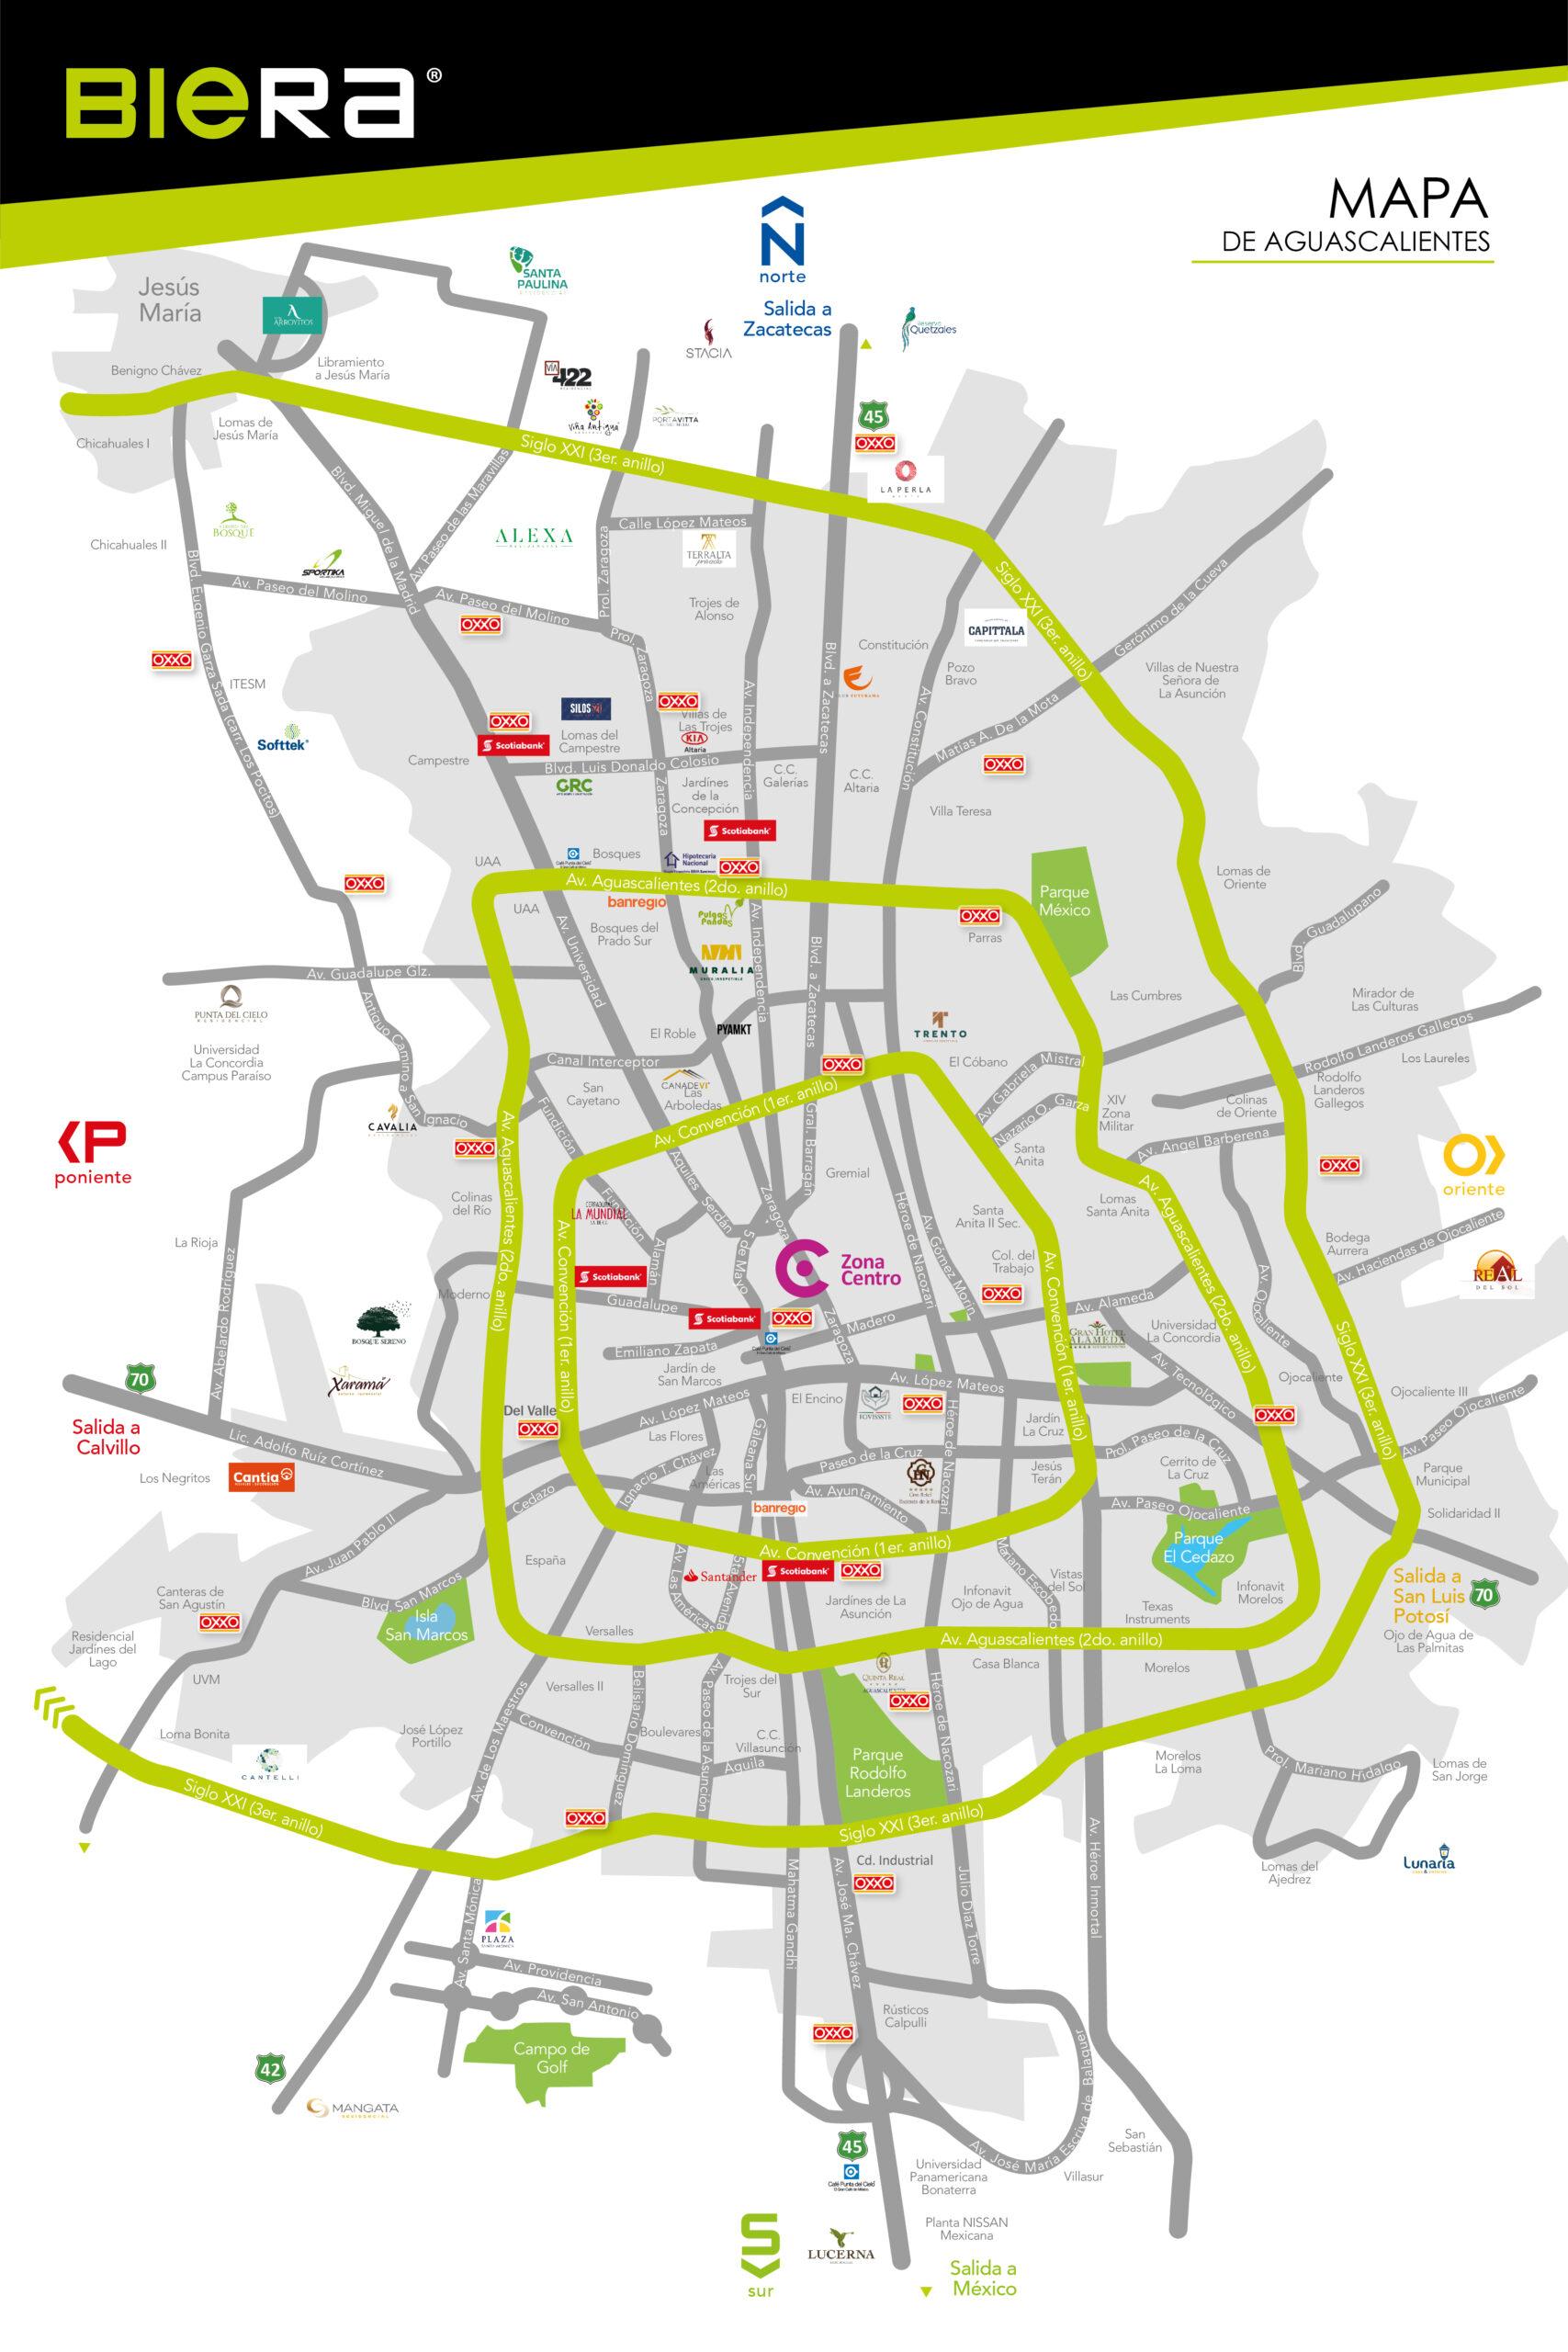 Mapa de la ciudad de Aguascalientes, con los principales desarrollos de vivienda de la ciudad